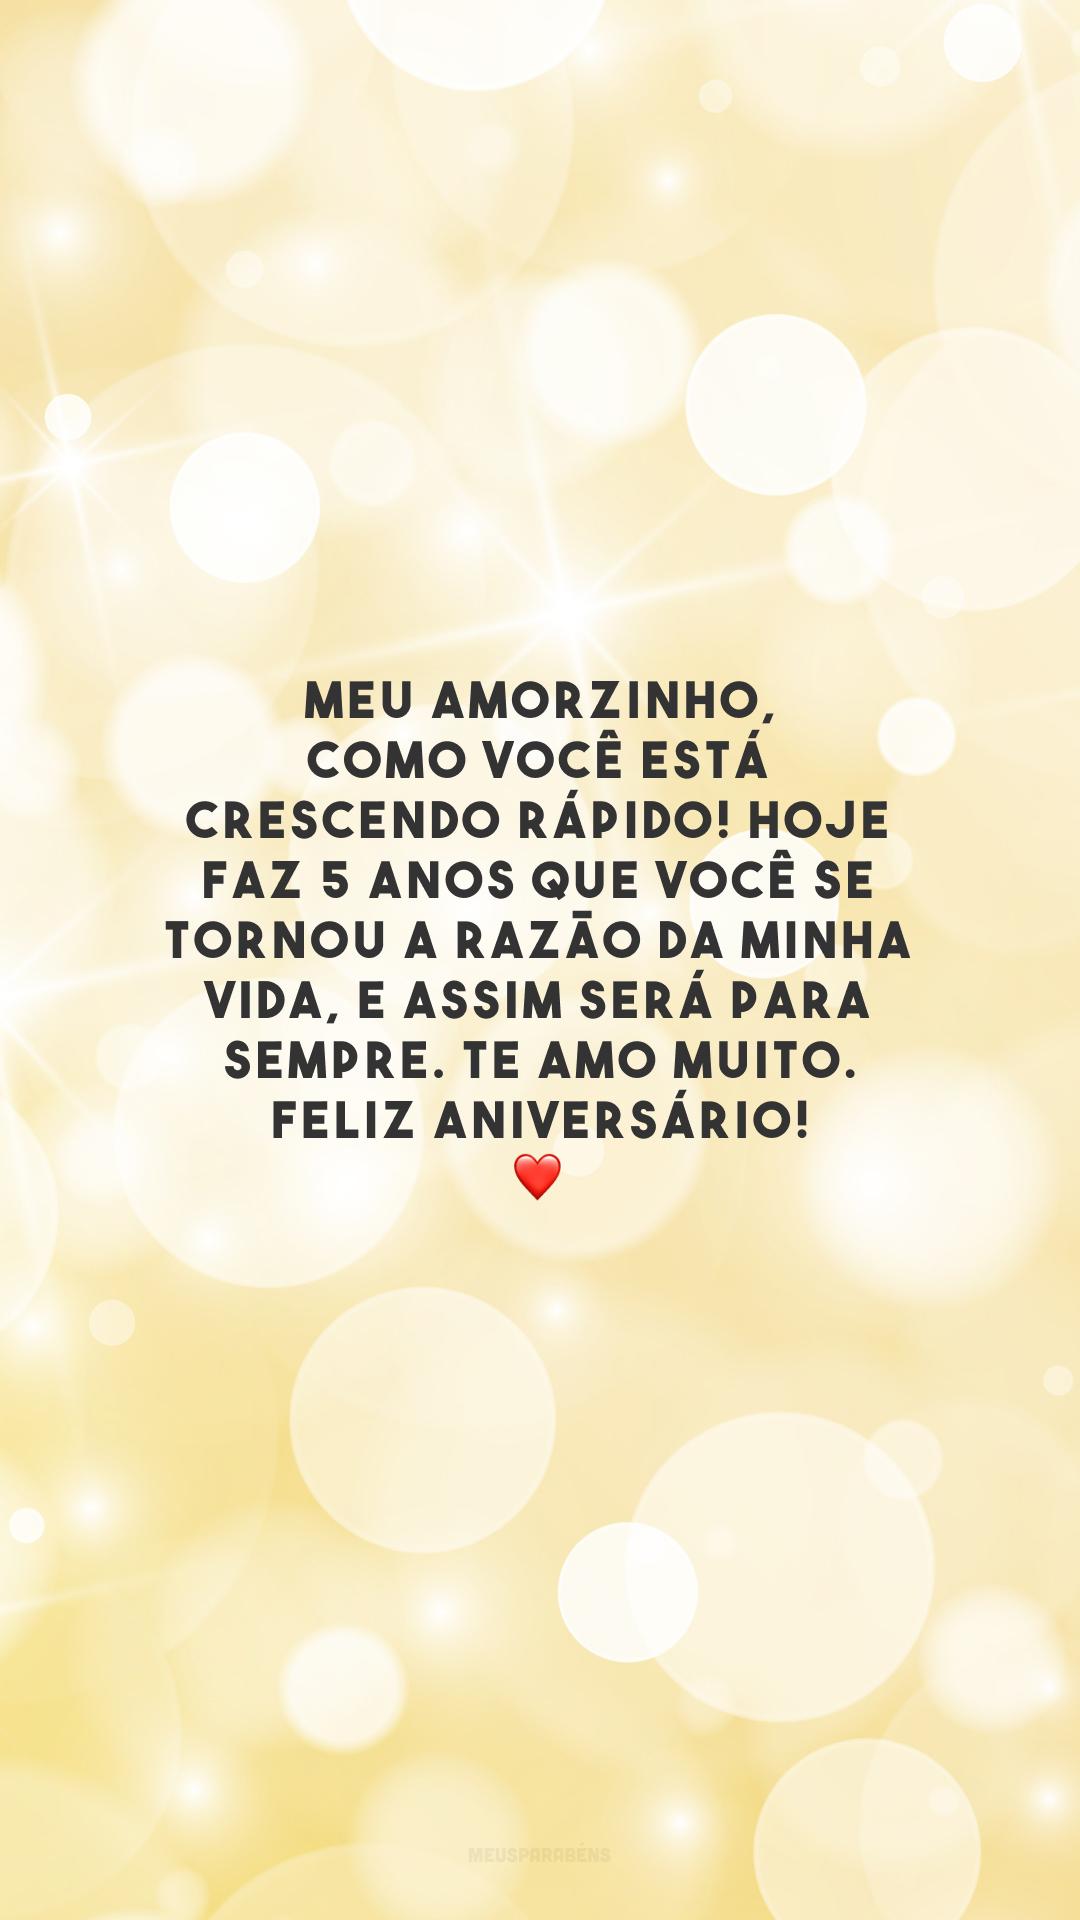 Meu amorzinho, como você está crescendo rápido! Hoje faz 5 anos que você se tornou a razão da minha vida, e assim será para sempre. Te amo muito. Feliz aniversário! ❤️